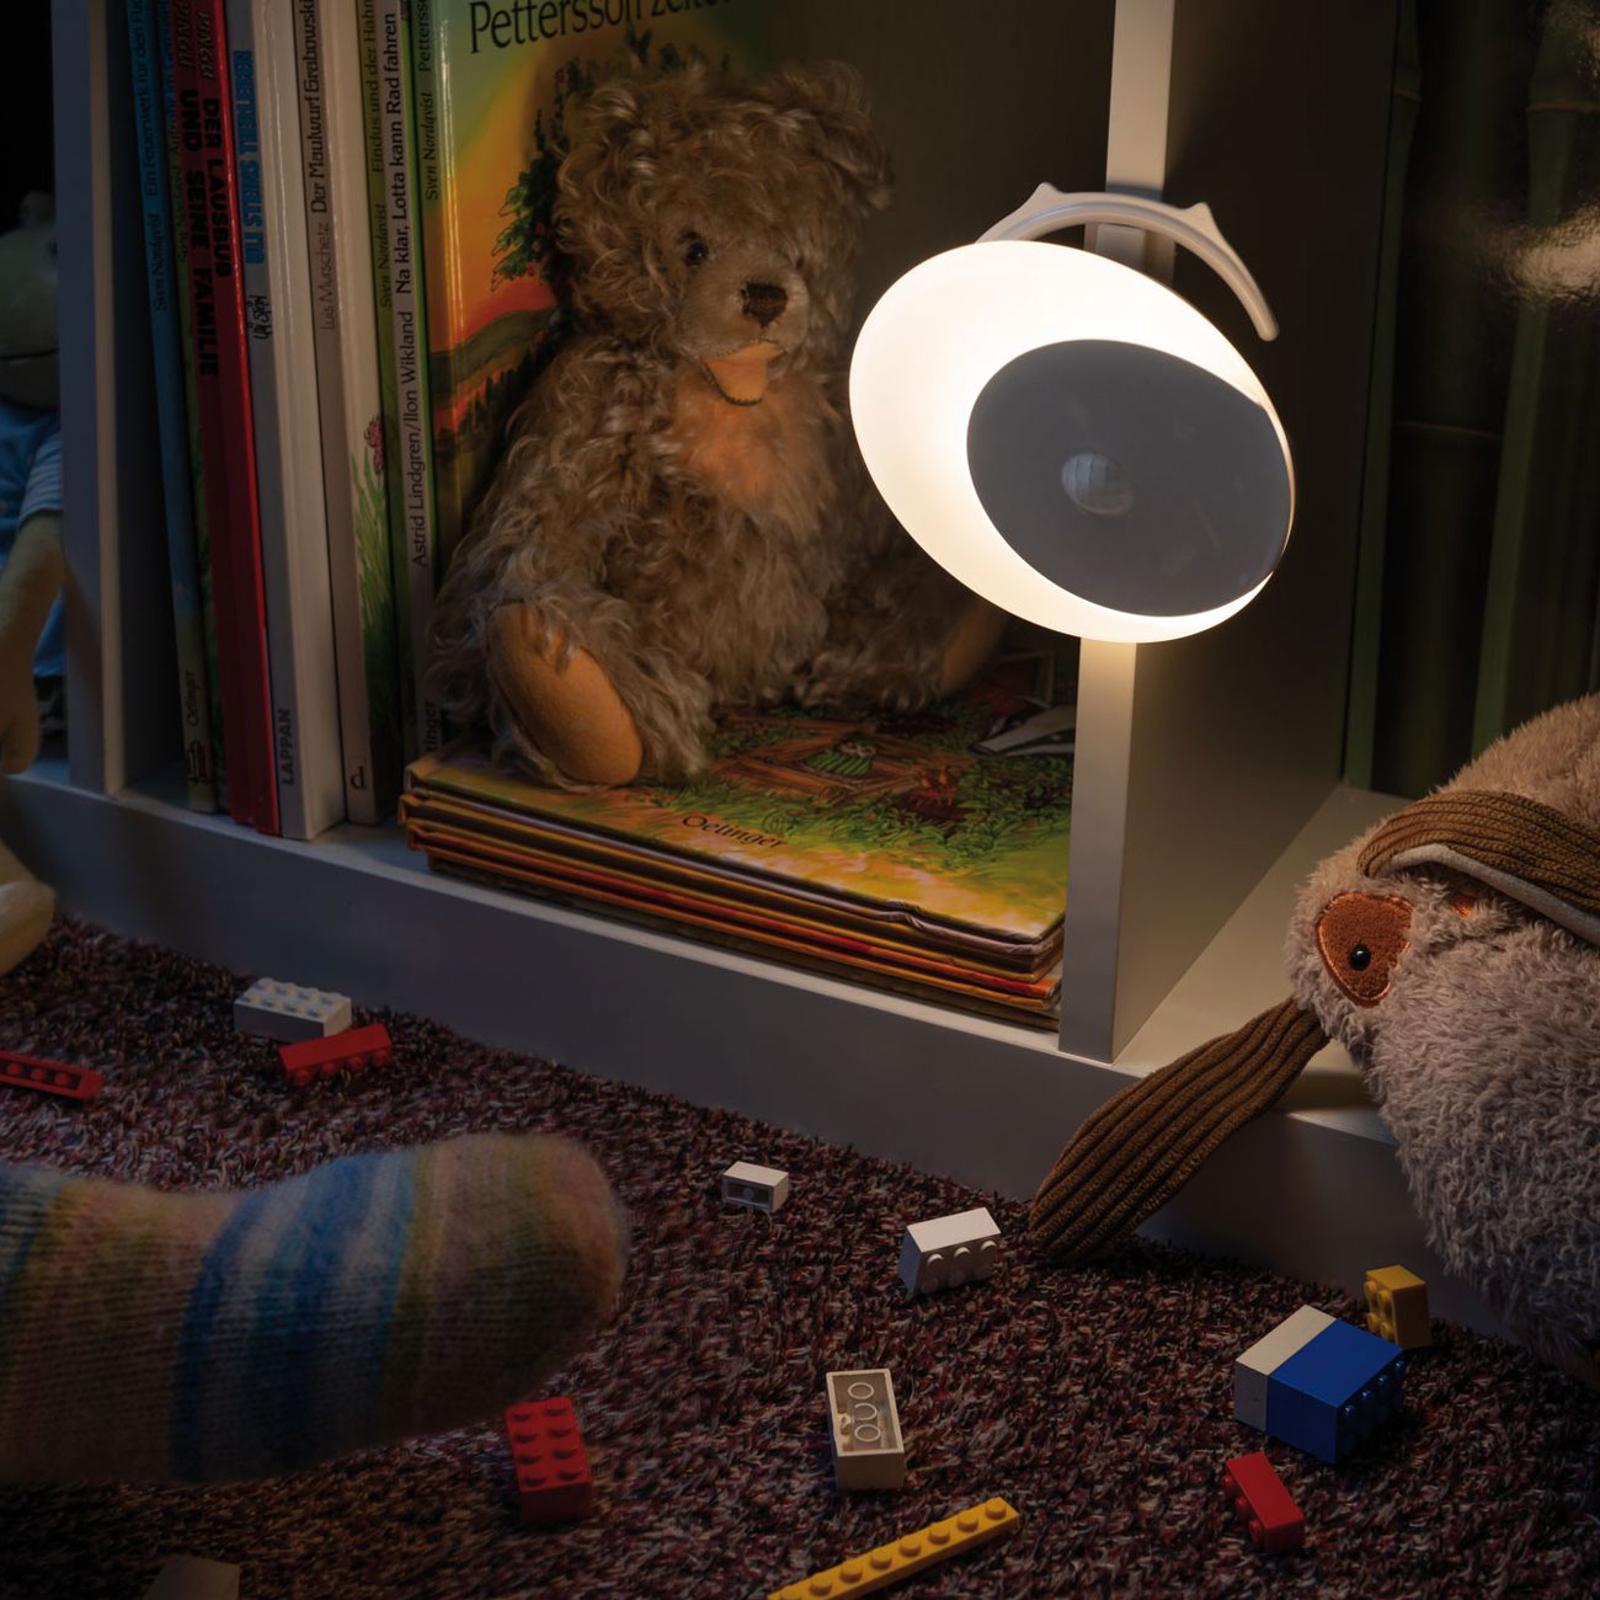 Paulmann Viby LED-Nachtlicht, mobil, rund